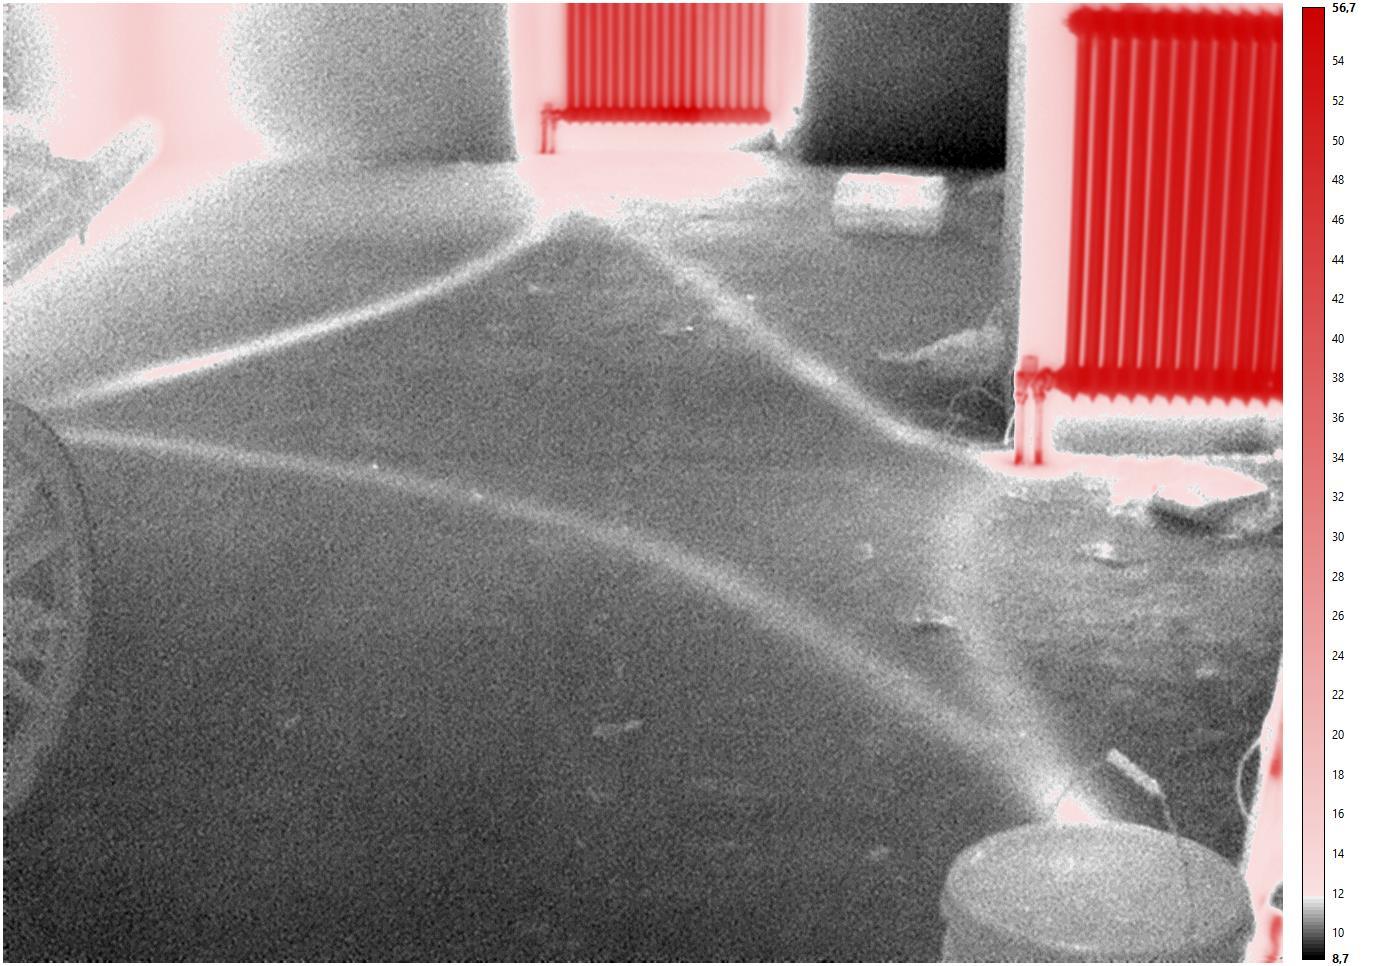 Tracciamento impianto di riscaldamento